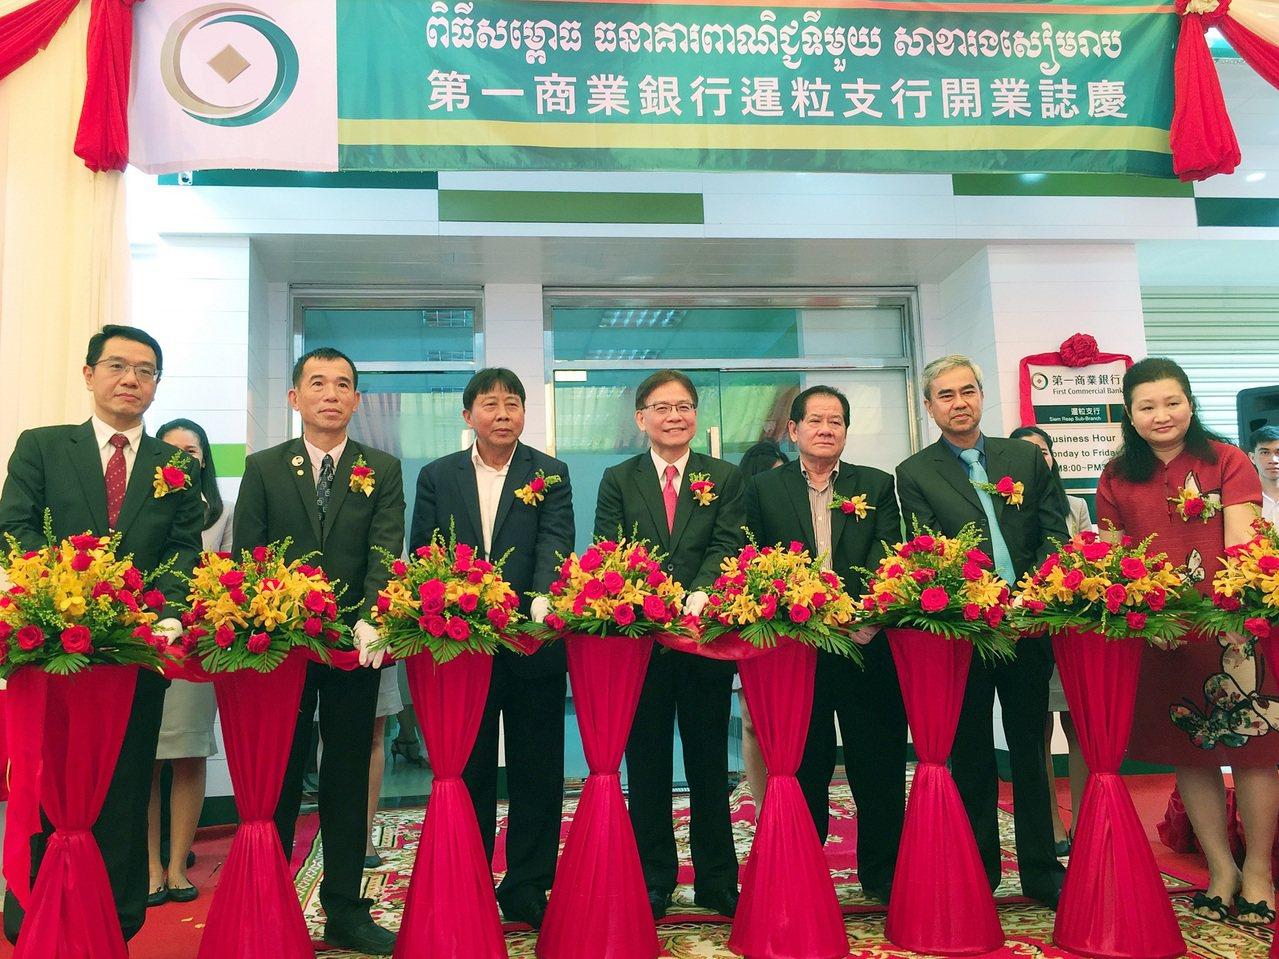 第一銀行暹粒支行開業,成為柬埔寨第八個據點,第一銀行李嘉祥副總(中)與金邊分行簡...